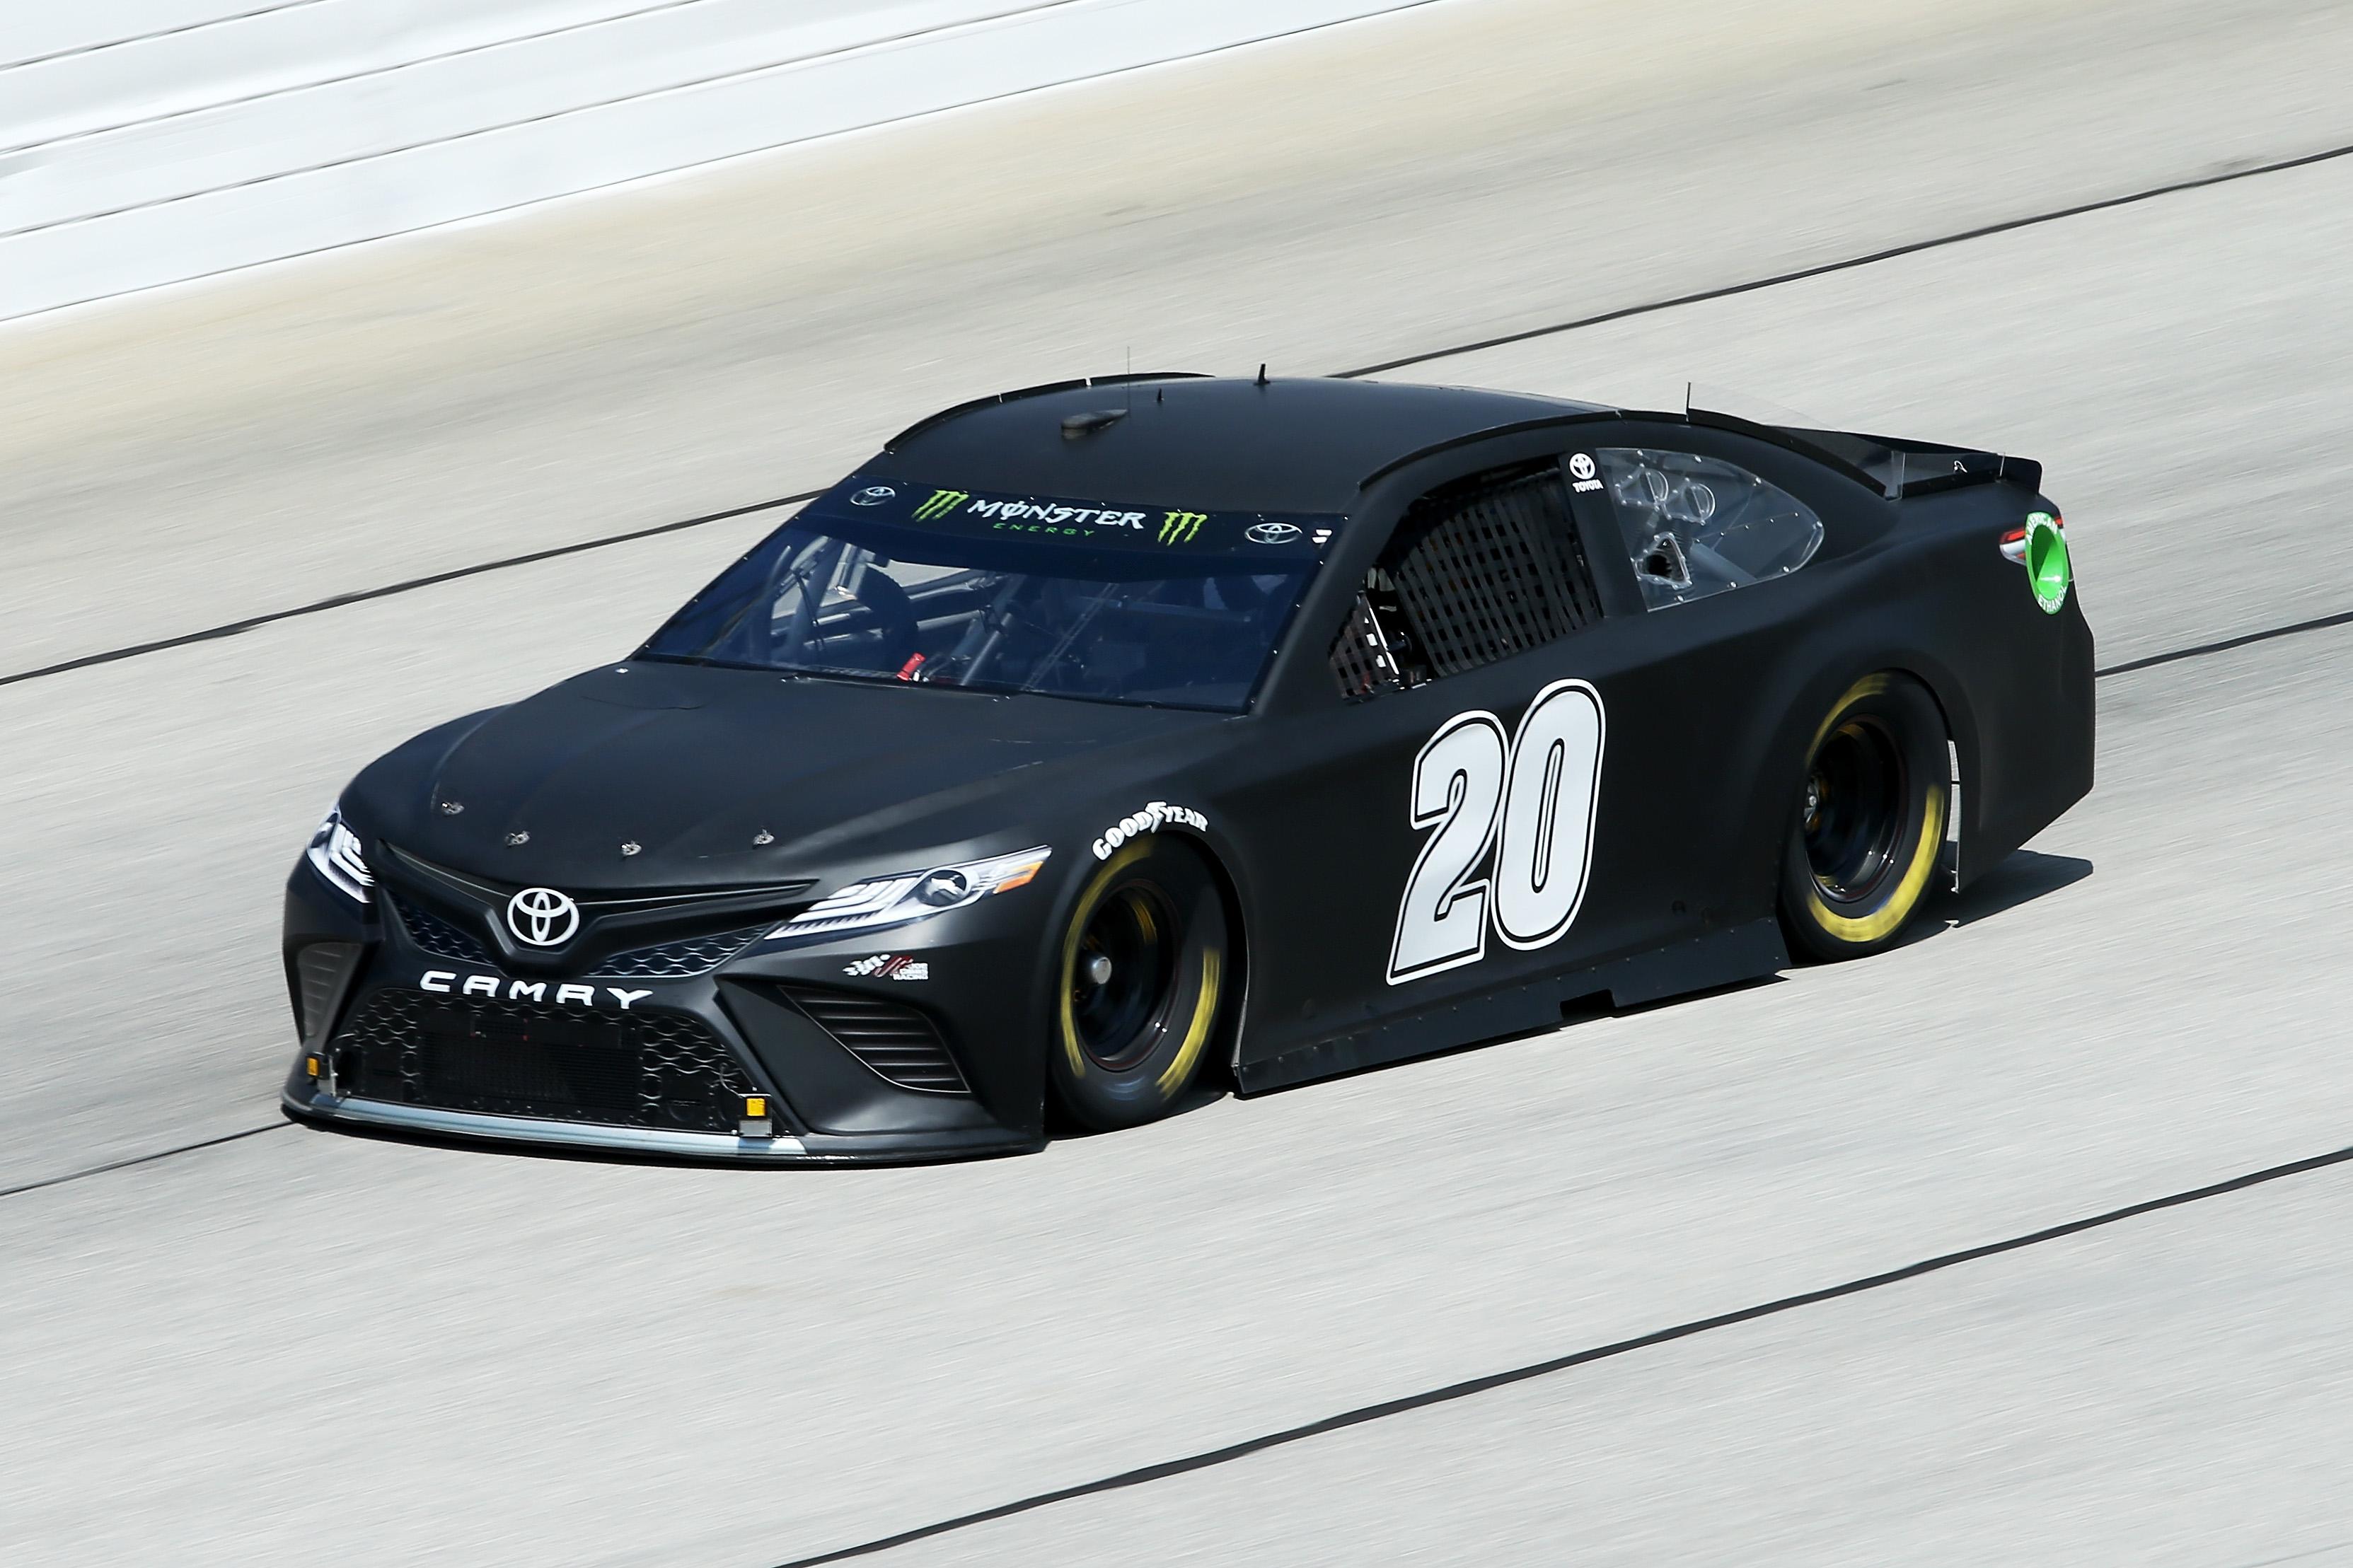 2018 NASCAR Engine Rules Adjusted